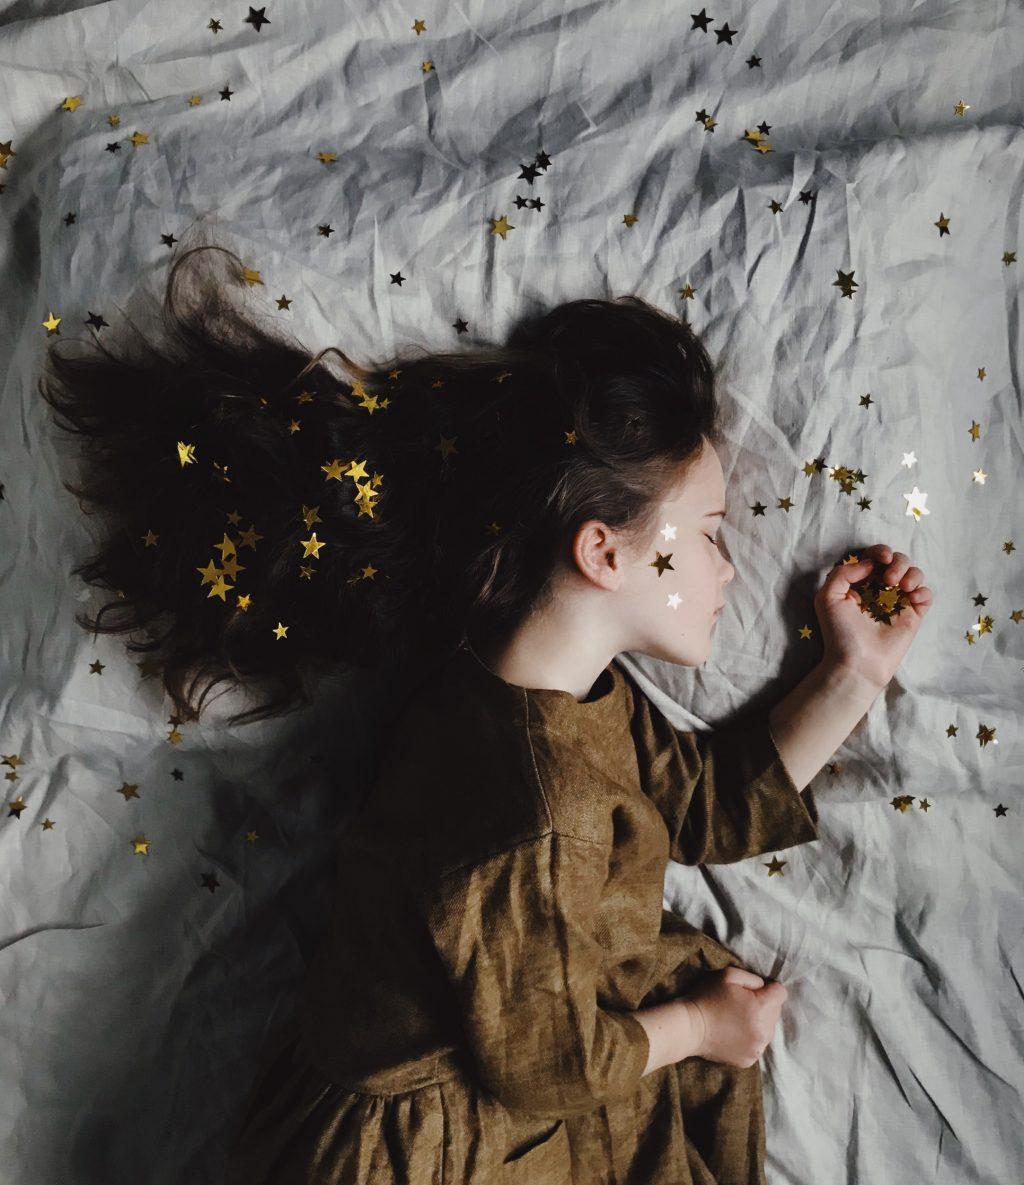 bé gái với ngôi sao trên tóc